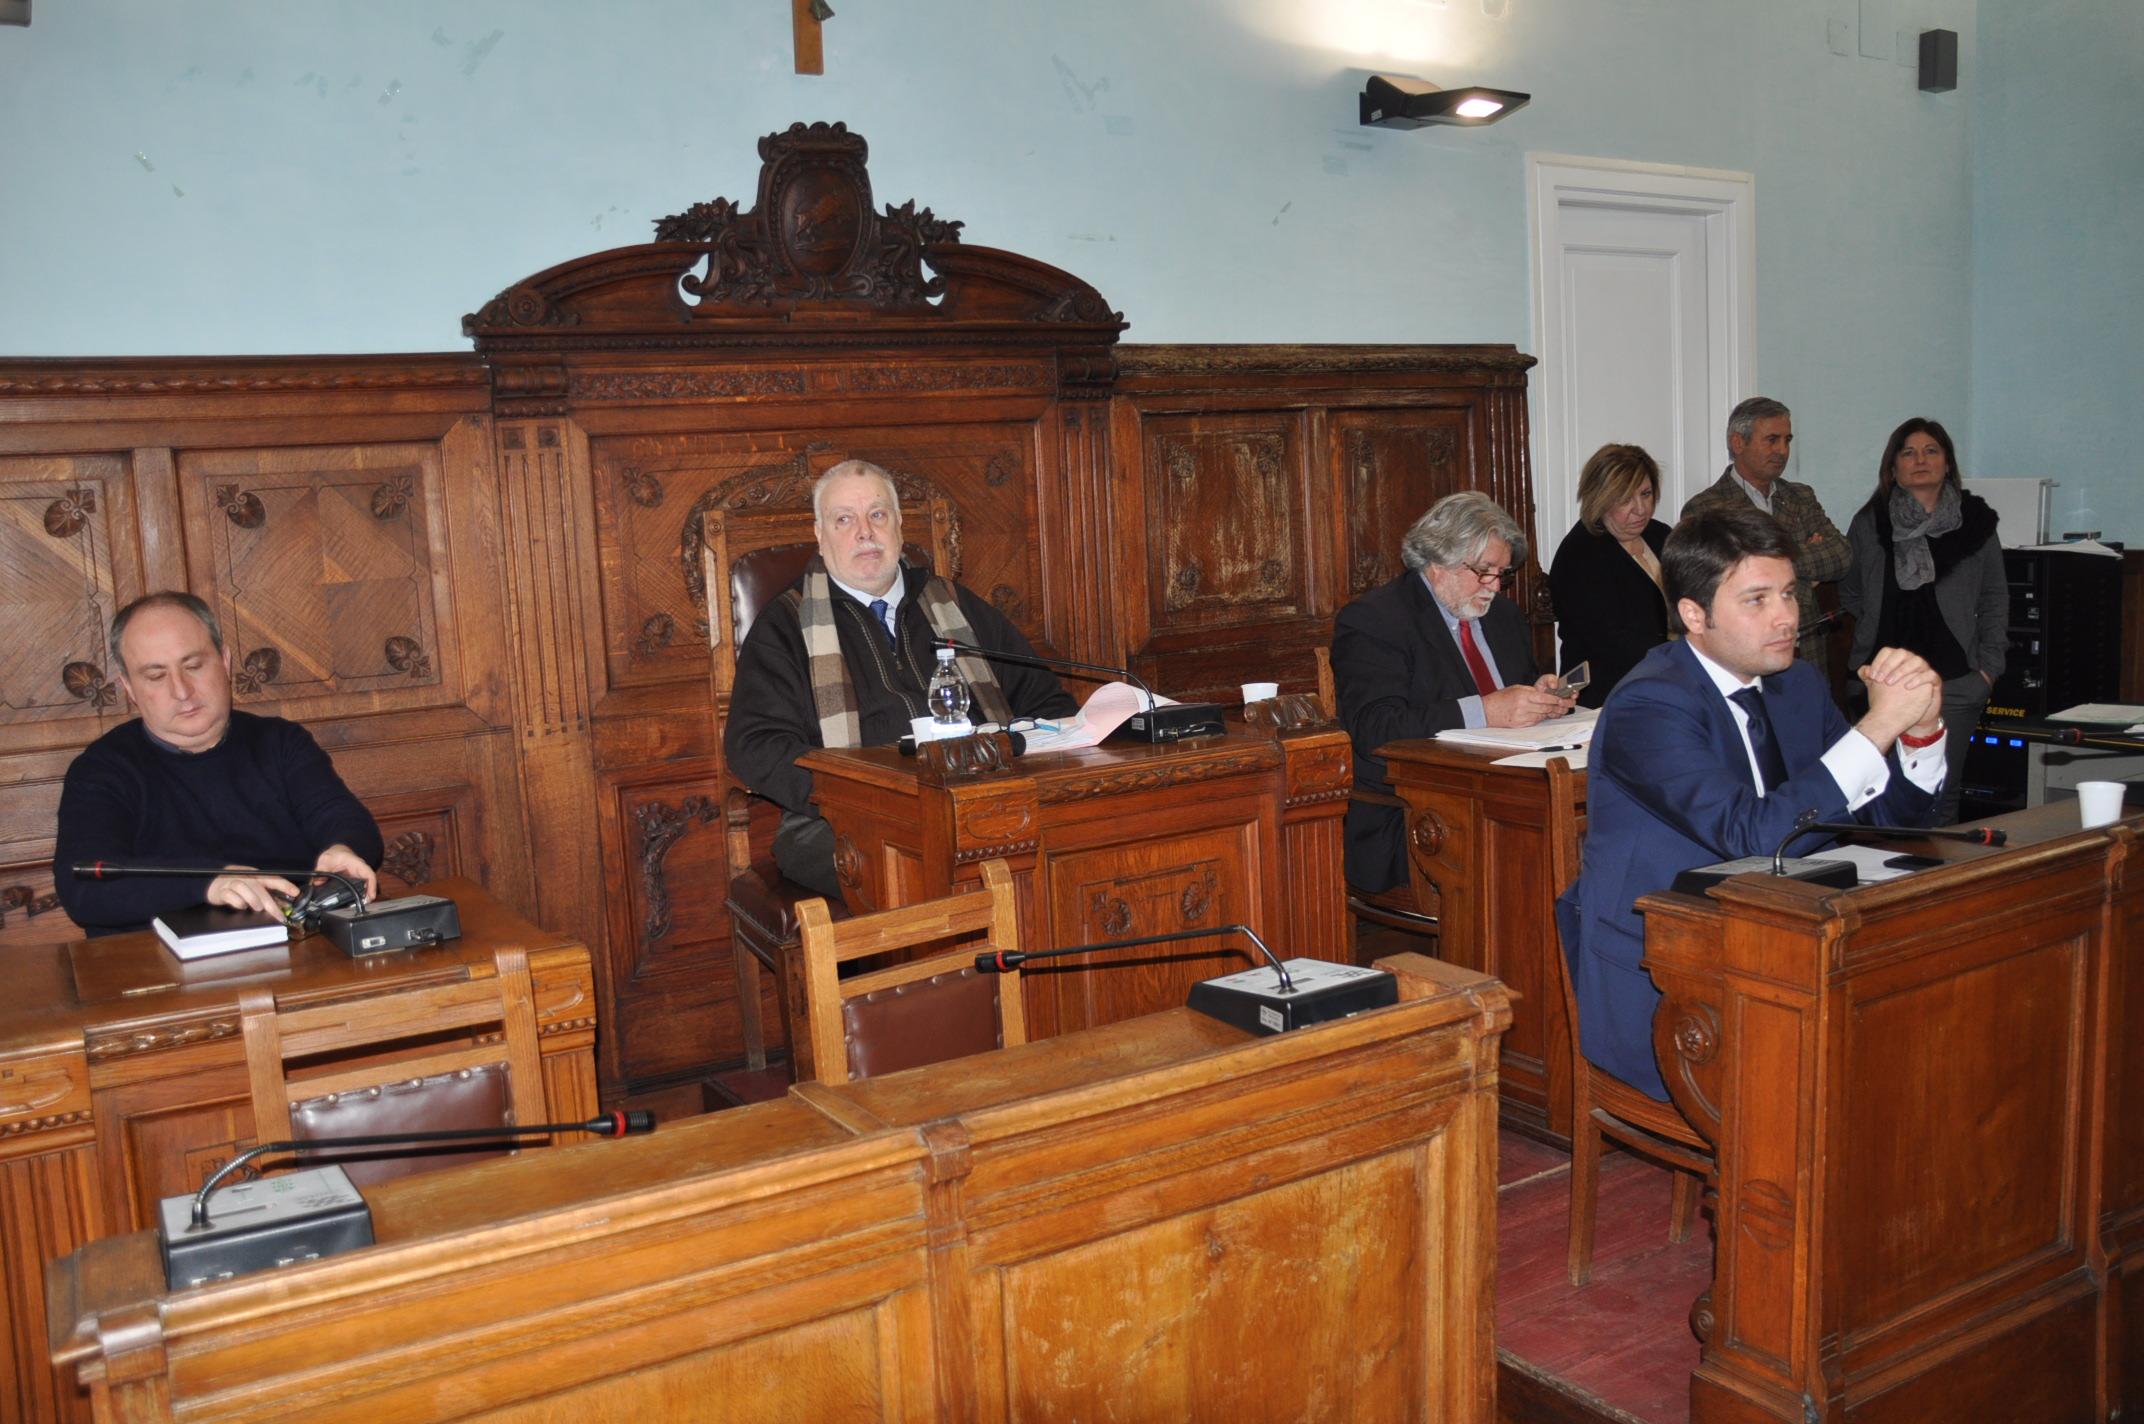 Provincia, il Consiglio approva revisioni di spese elevate e azioni all'insegna del risparmio